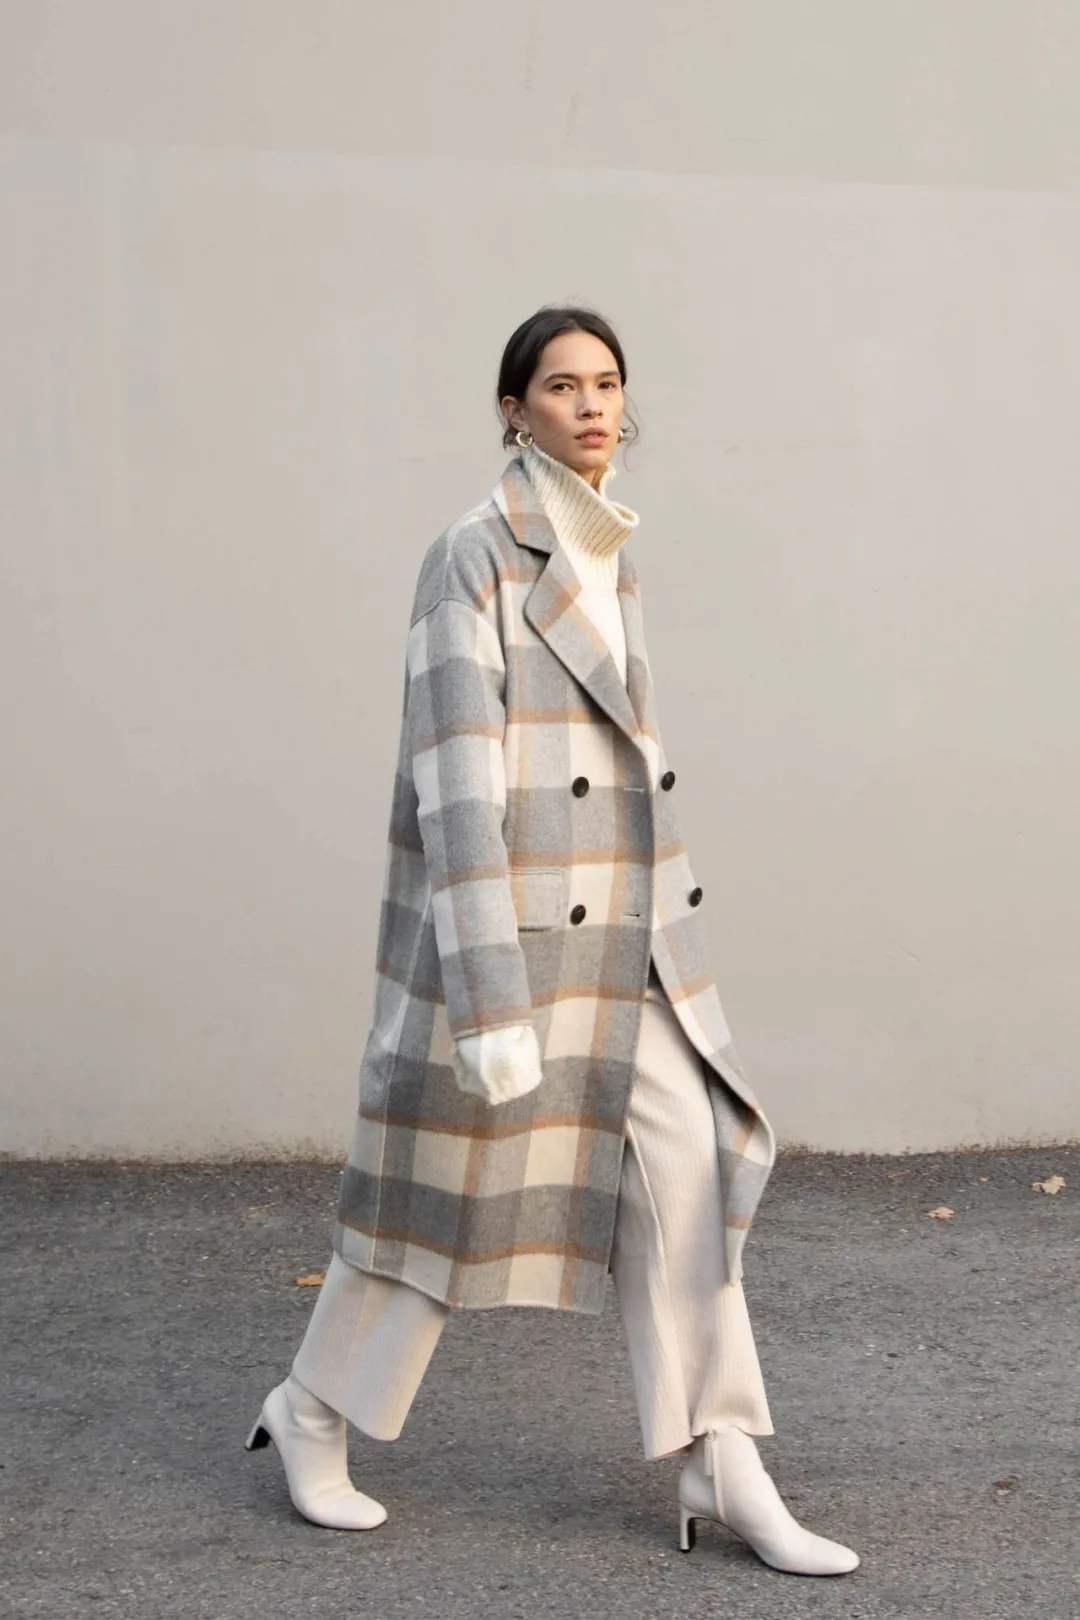 毛呢大衣全攻略:怎么穿显高,几百块vs上万块的差别在哪里?